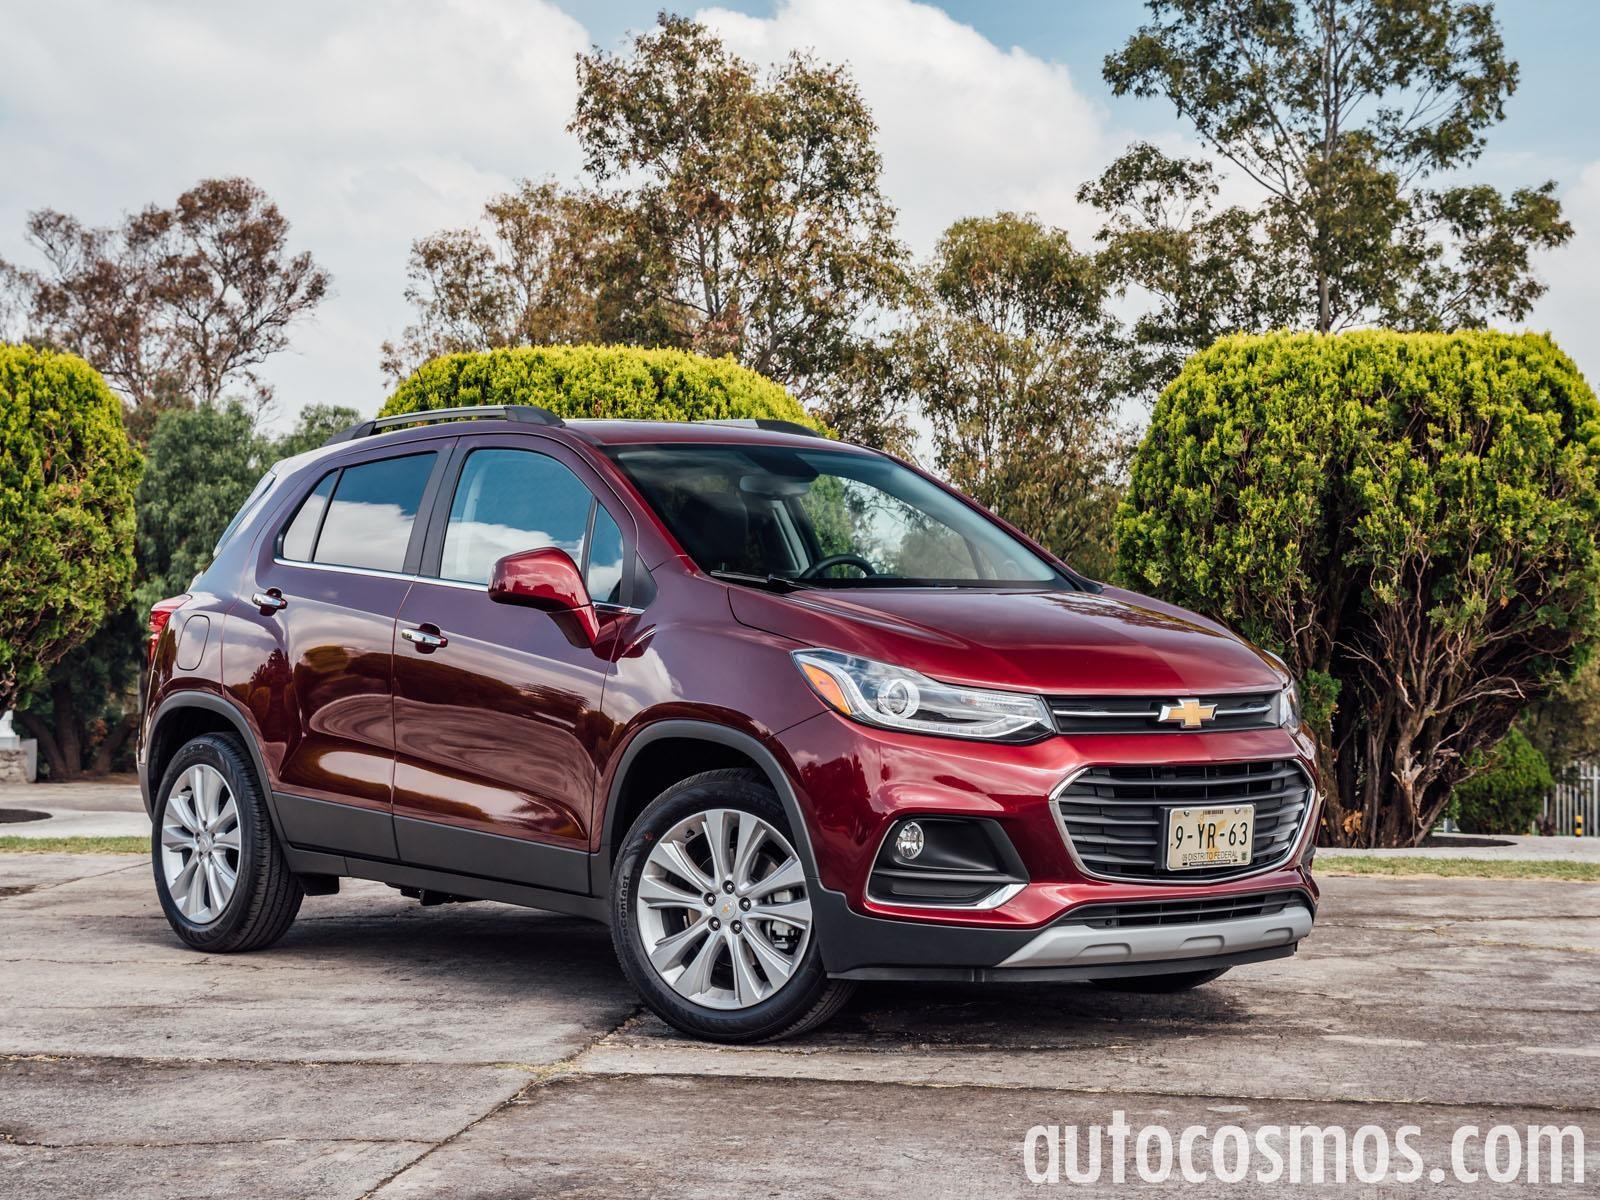 Chevrolet Trax 2017 A Prueba Autocosmos Com